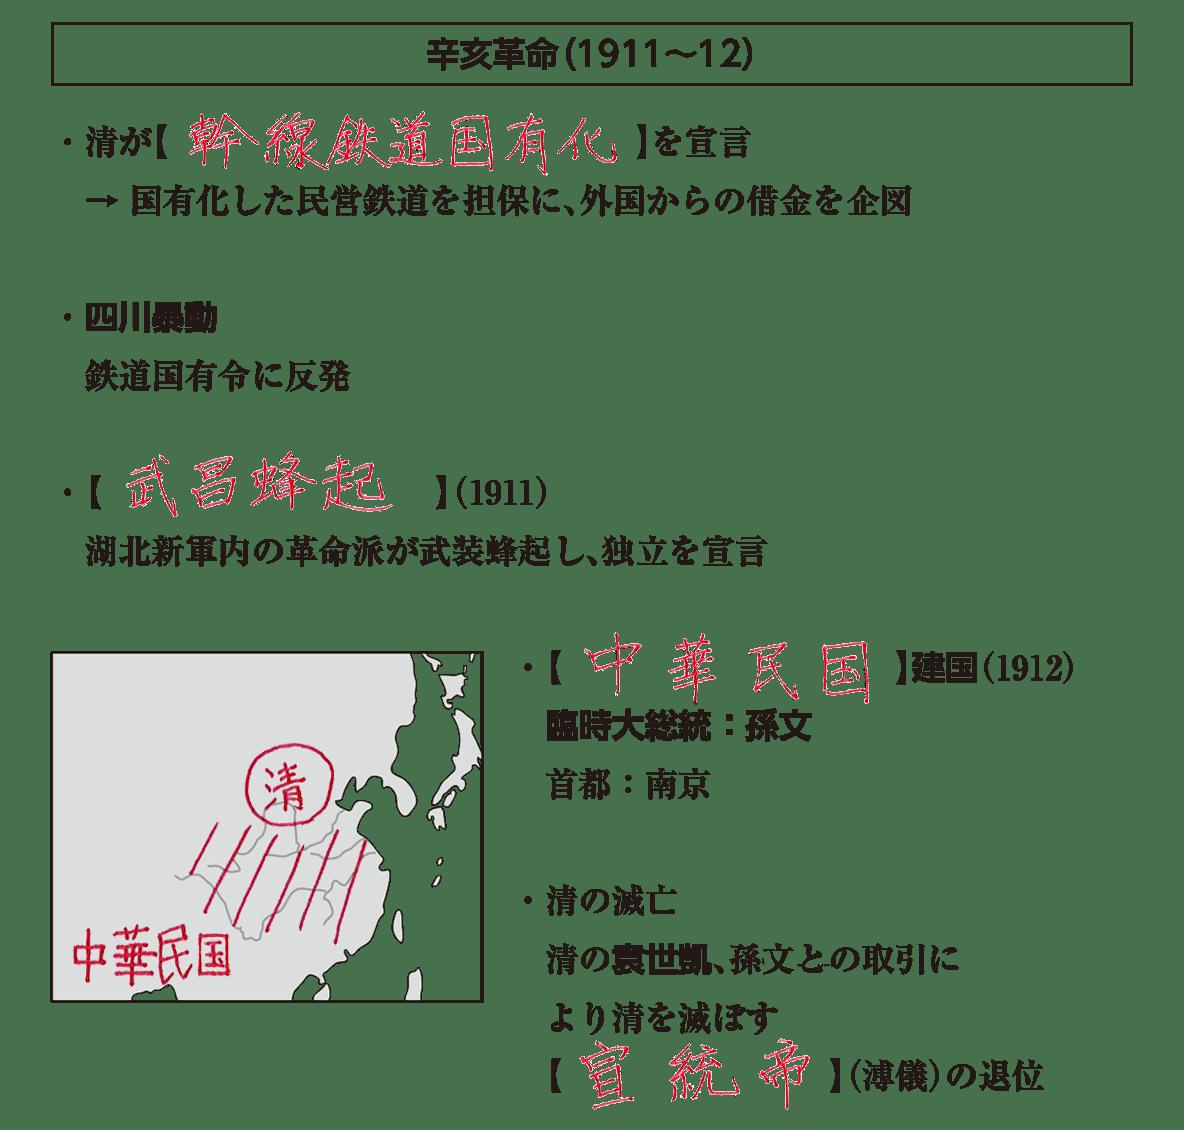 帝国主義と東アジア4 ポイント1 答え全部